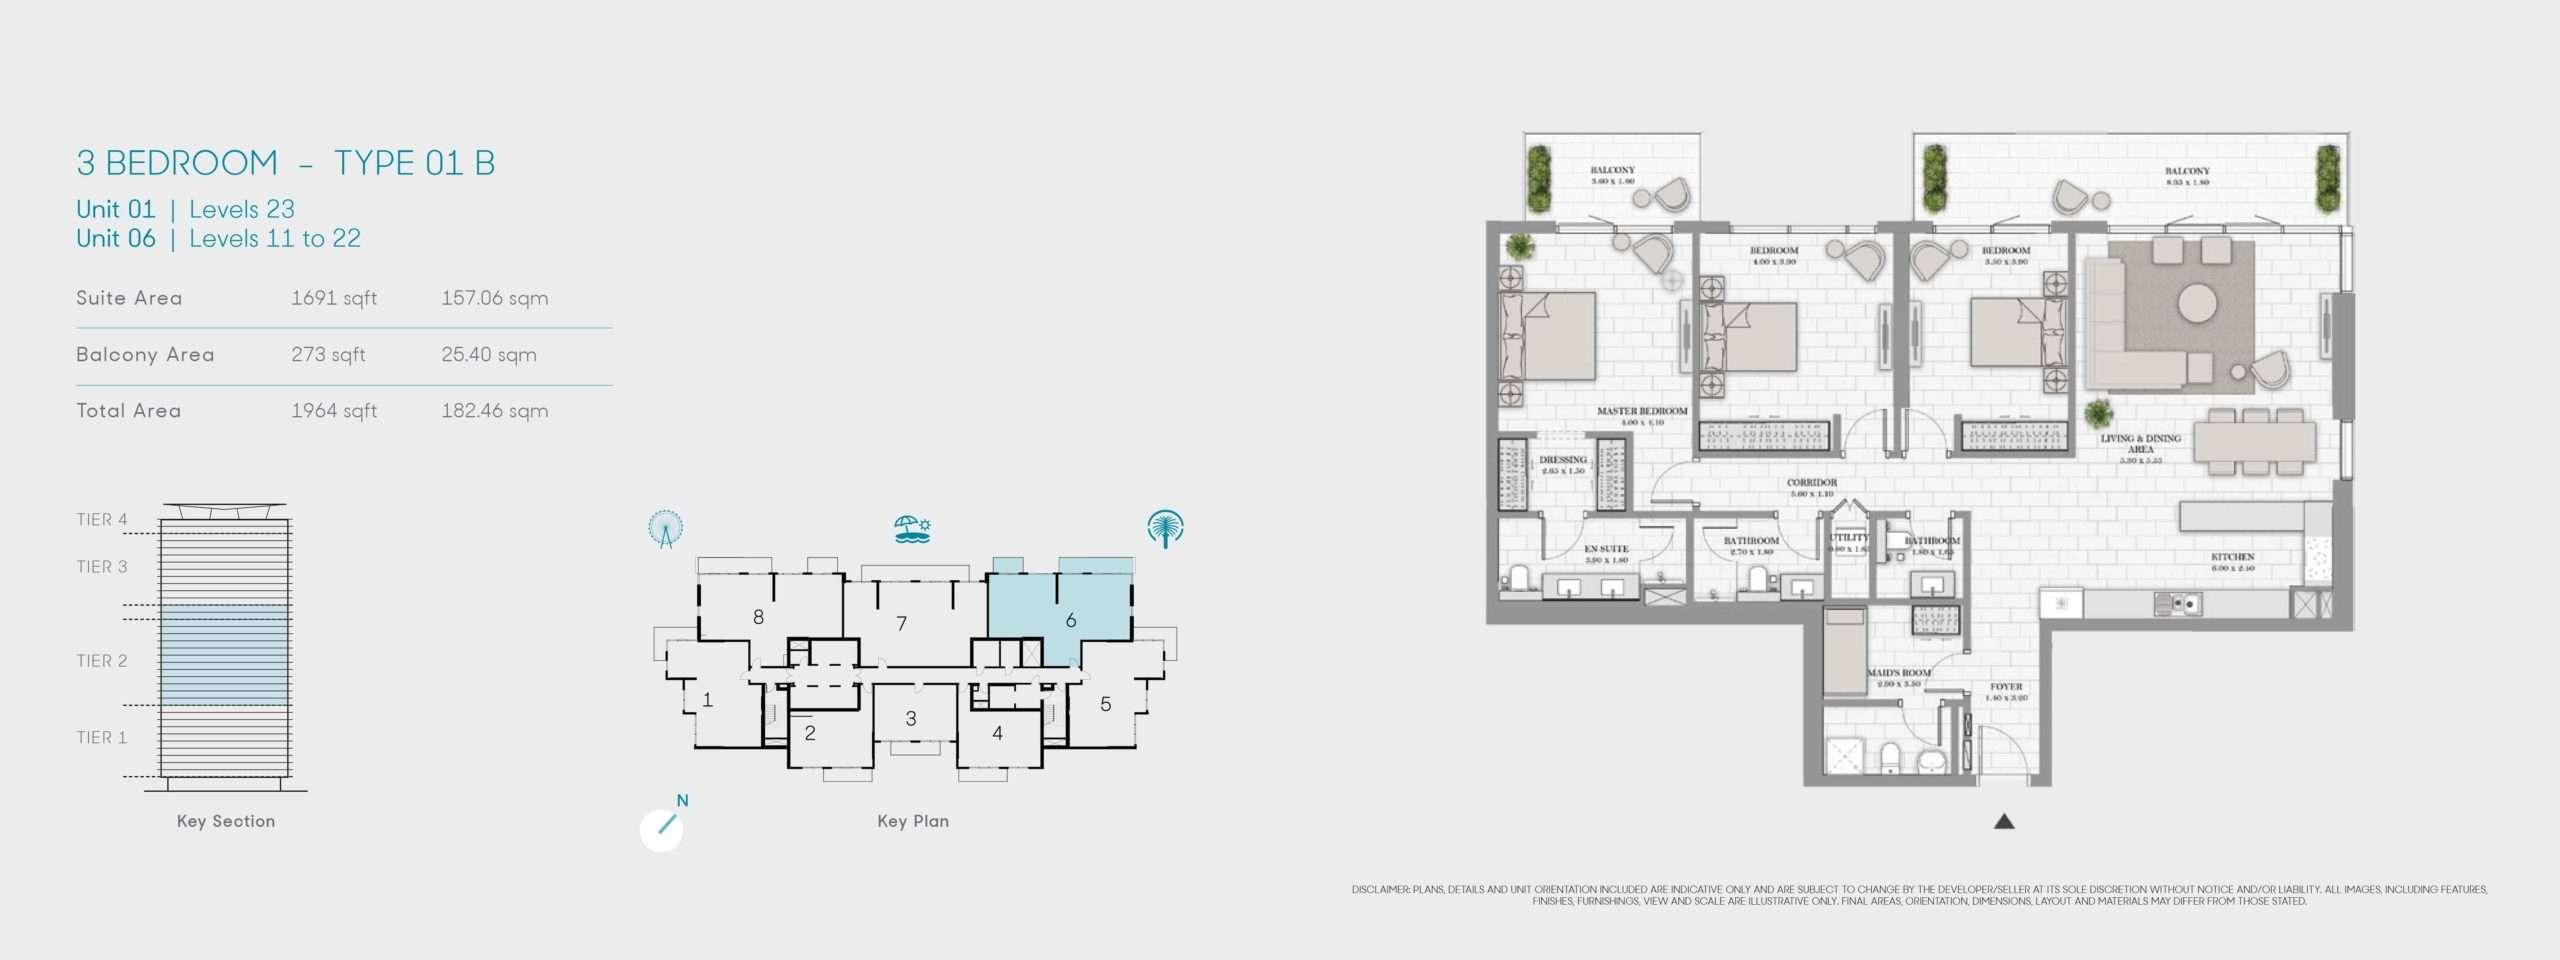 3-Bedroom Typ 01B